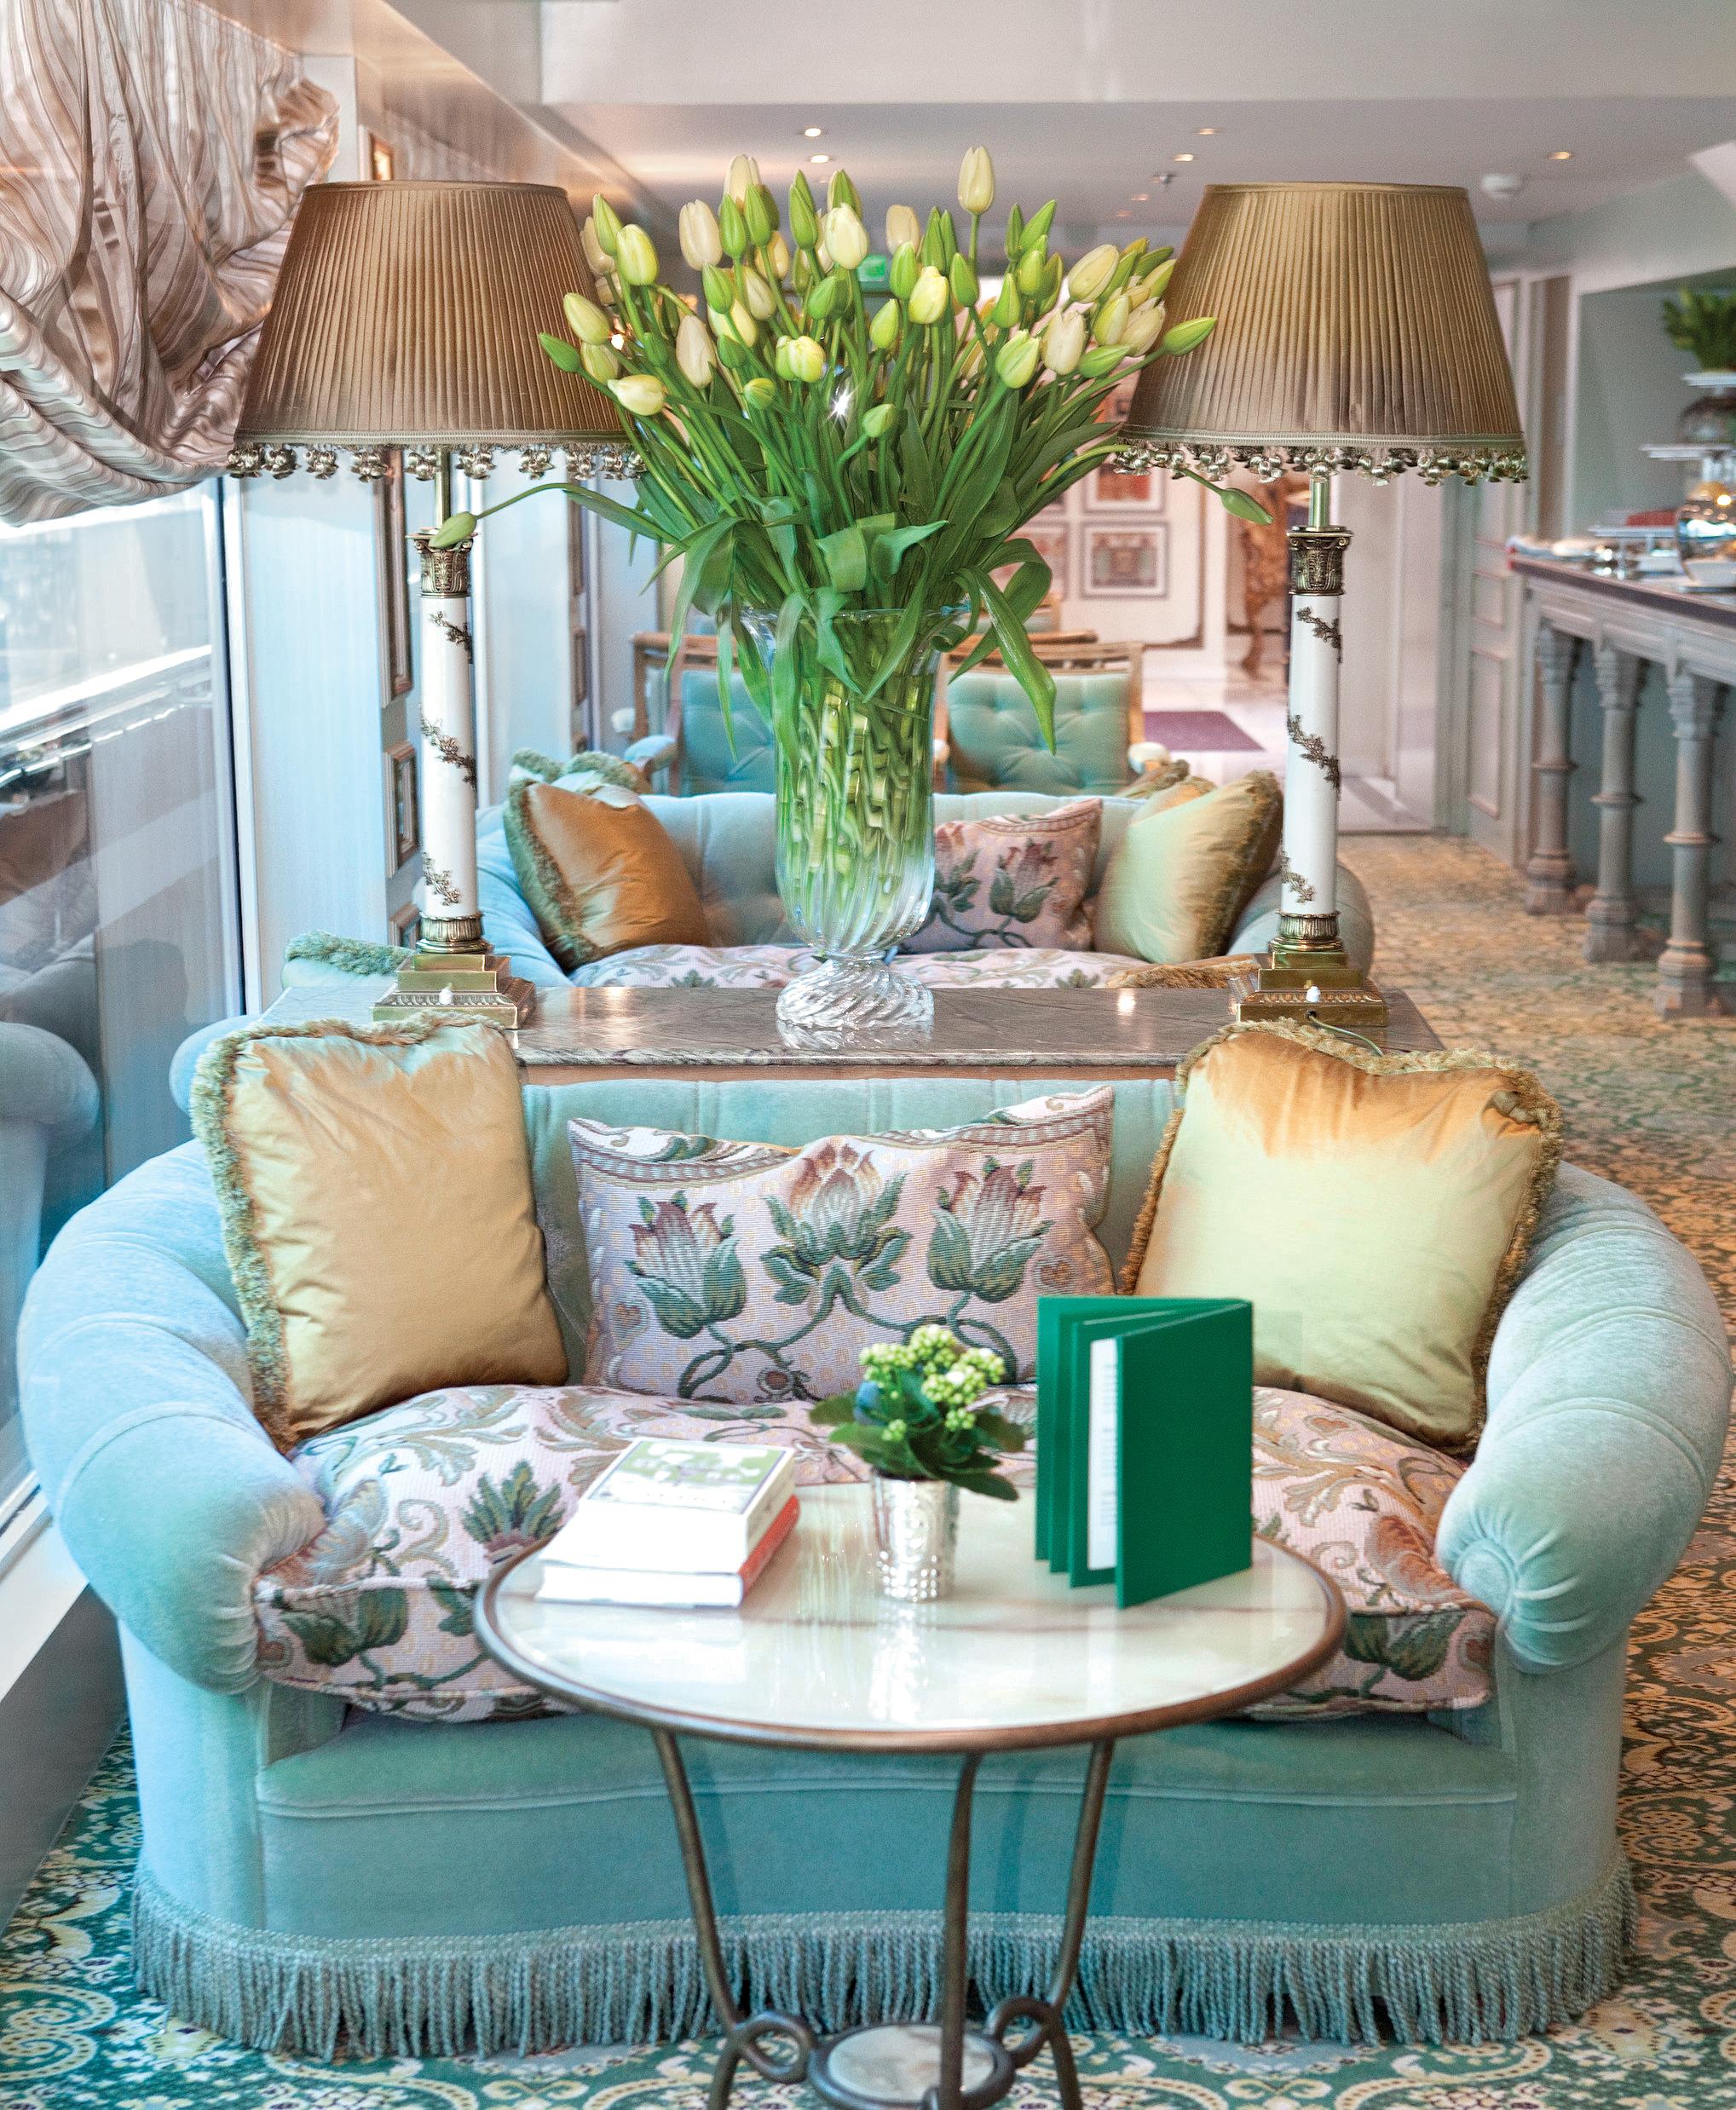 UNIWORLD Boutique River Cruises SS Antoinette Interior Salon Du Grand Trianon 1.jpg